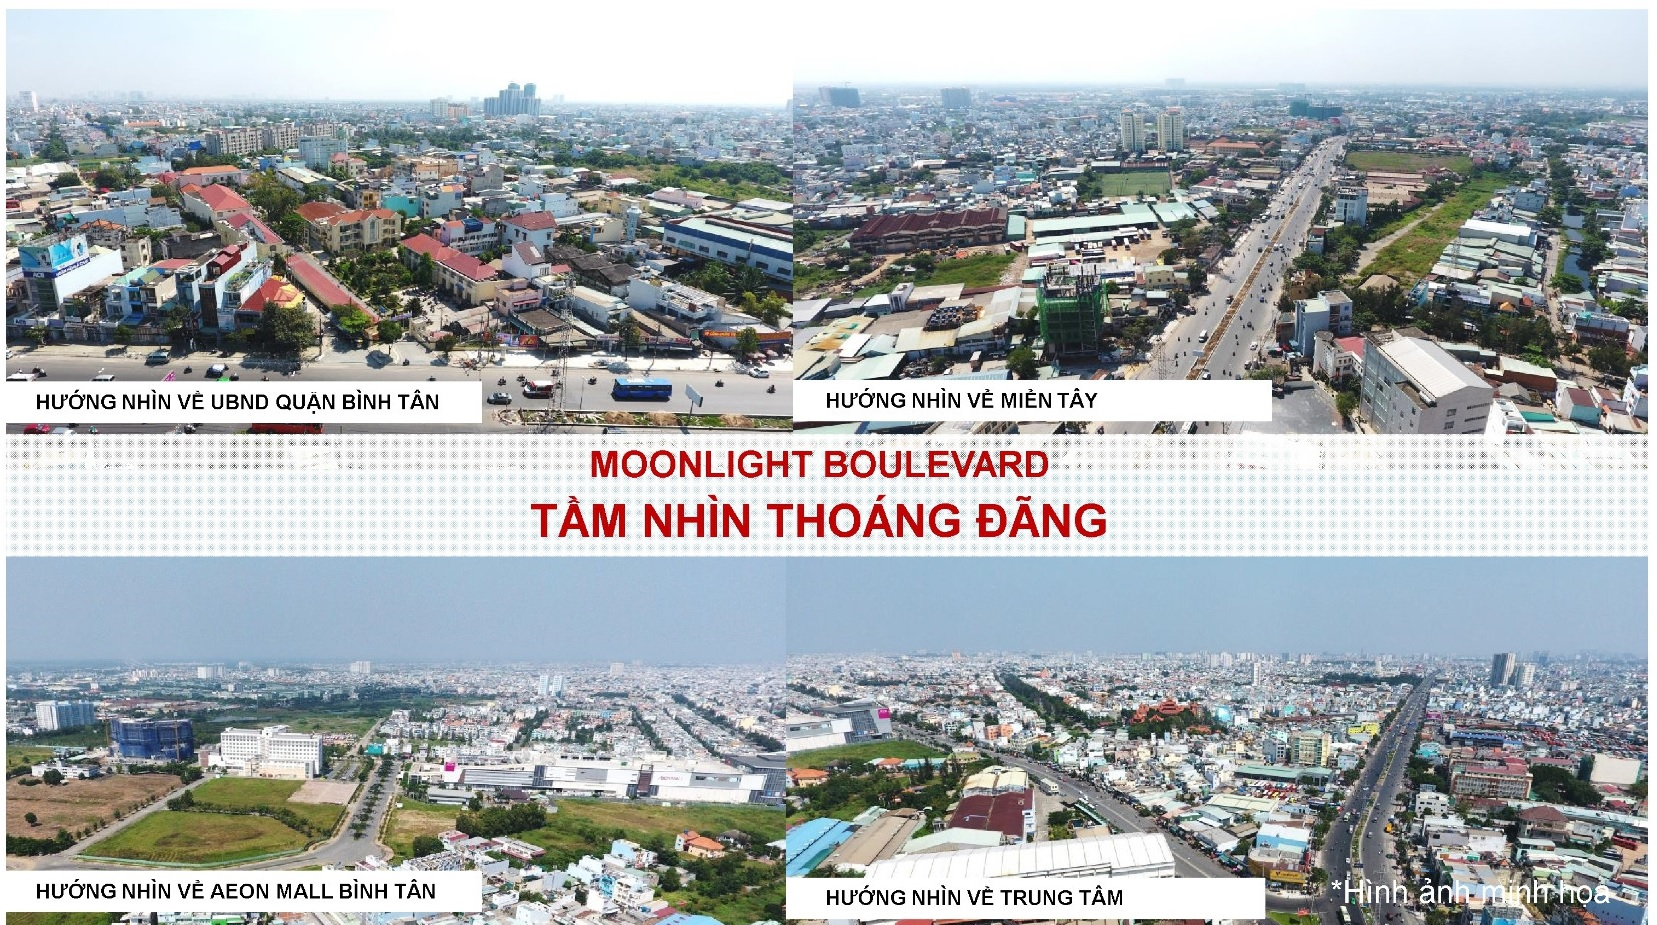 Tầm nhìn căn hộ Moonlight Boulevard